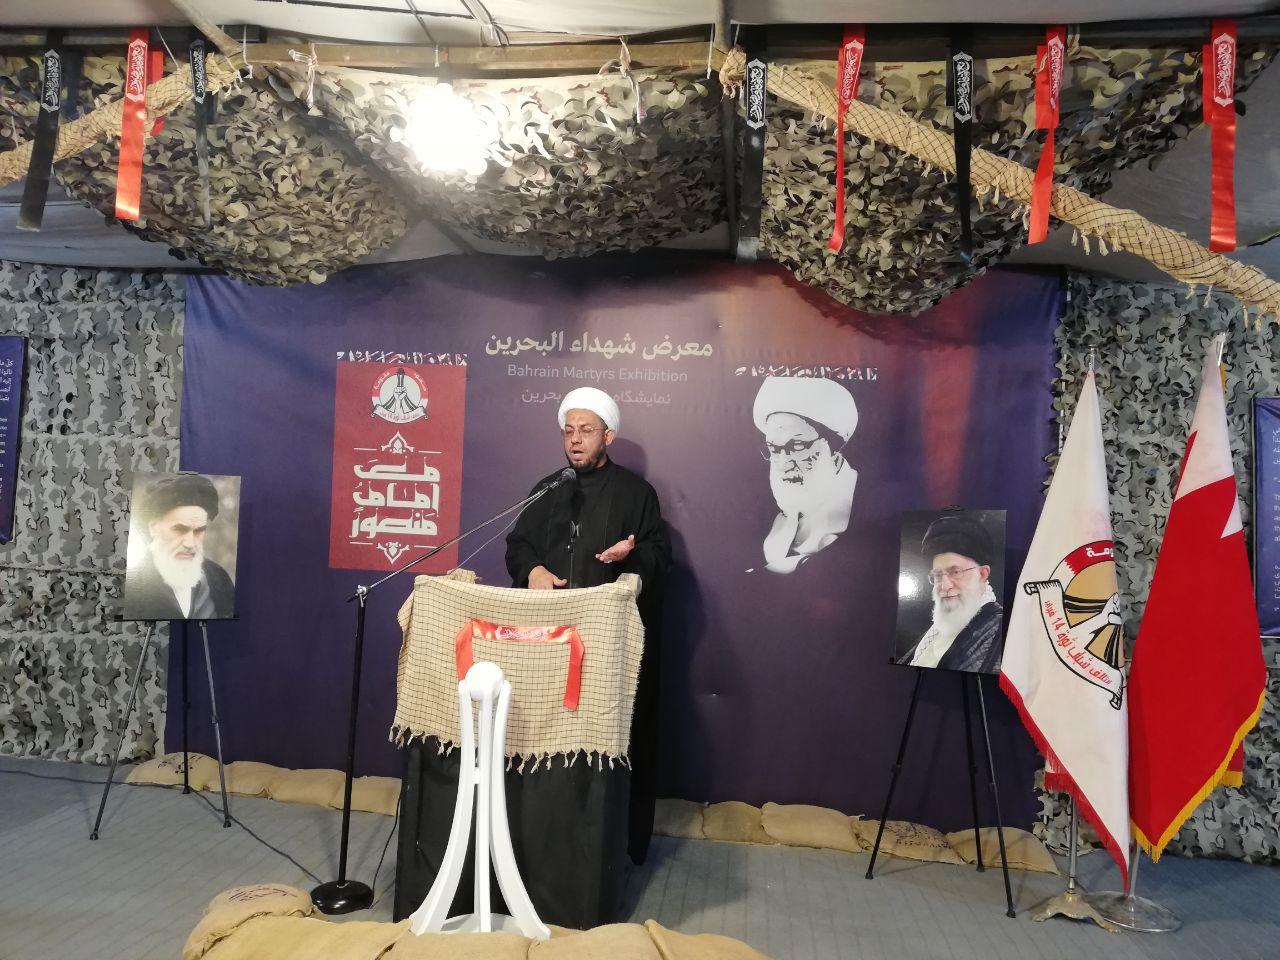 حركات جهادية ووفود علمائيّة تزور معرض «شهداء البحرين» في يومه الثاني